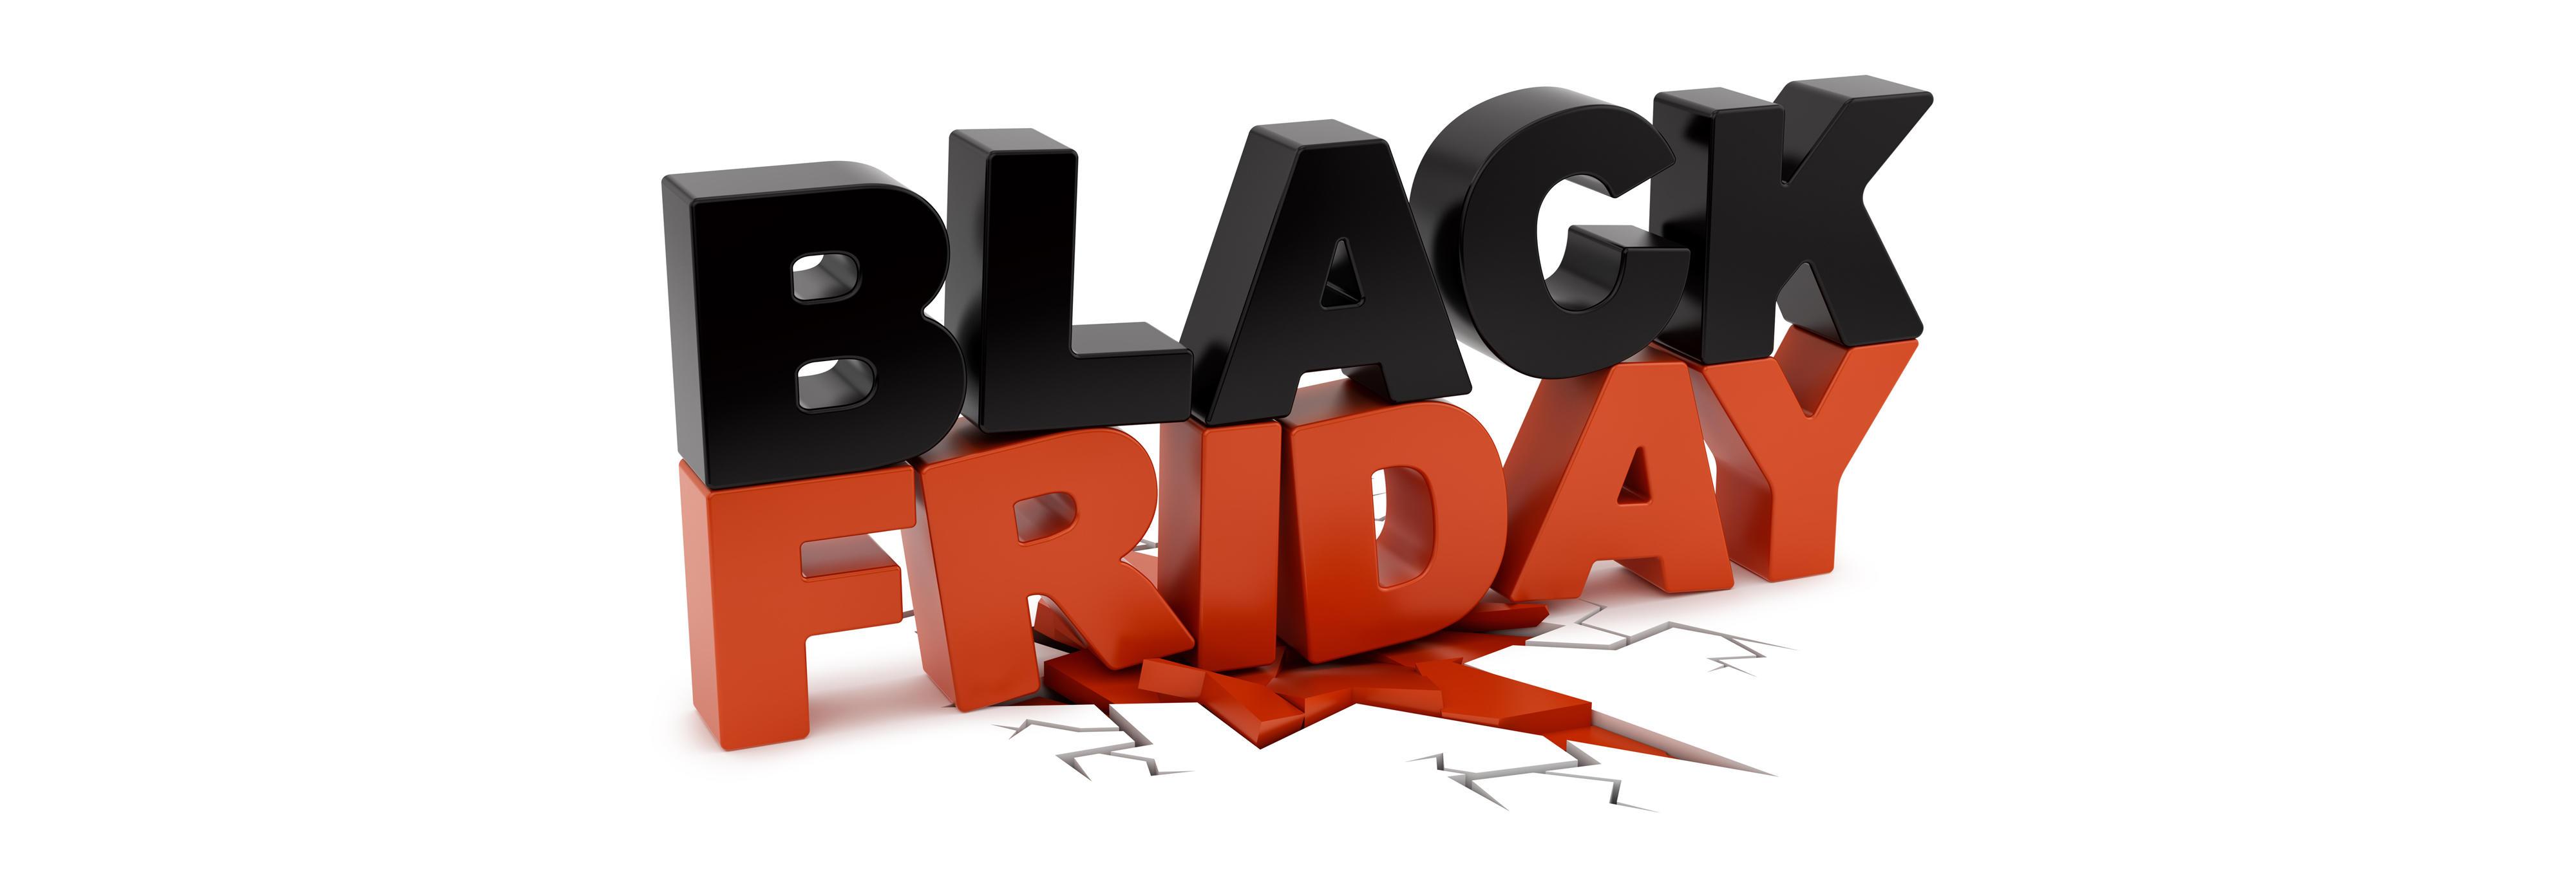 Los grandes descuentos en informática, juguetería y hogar por el Black Friday